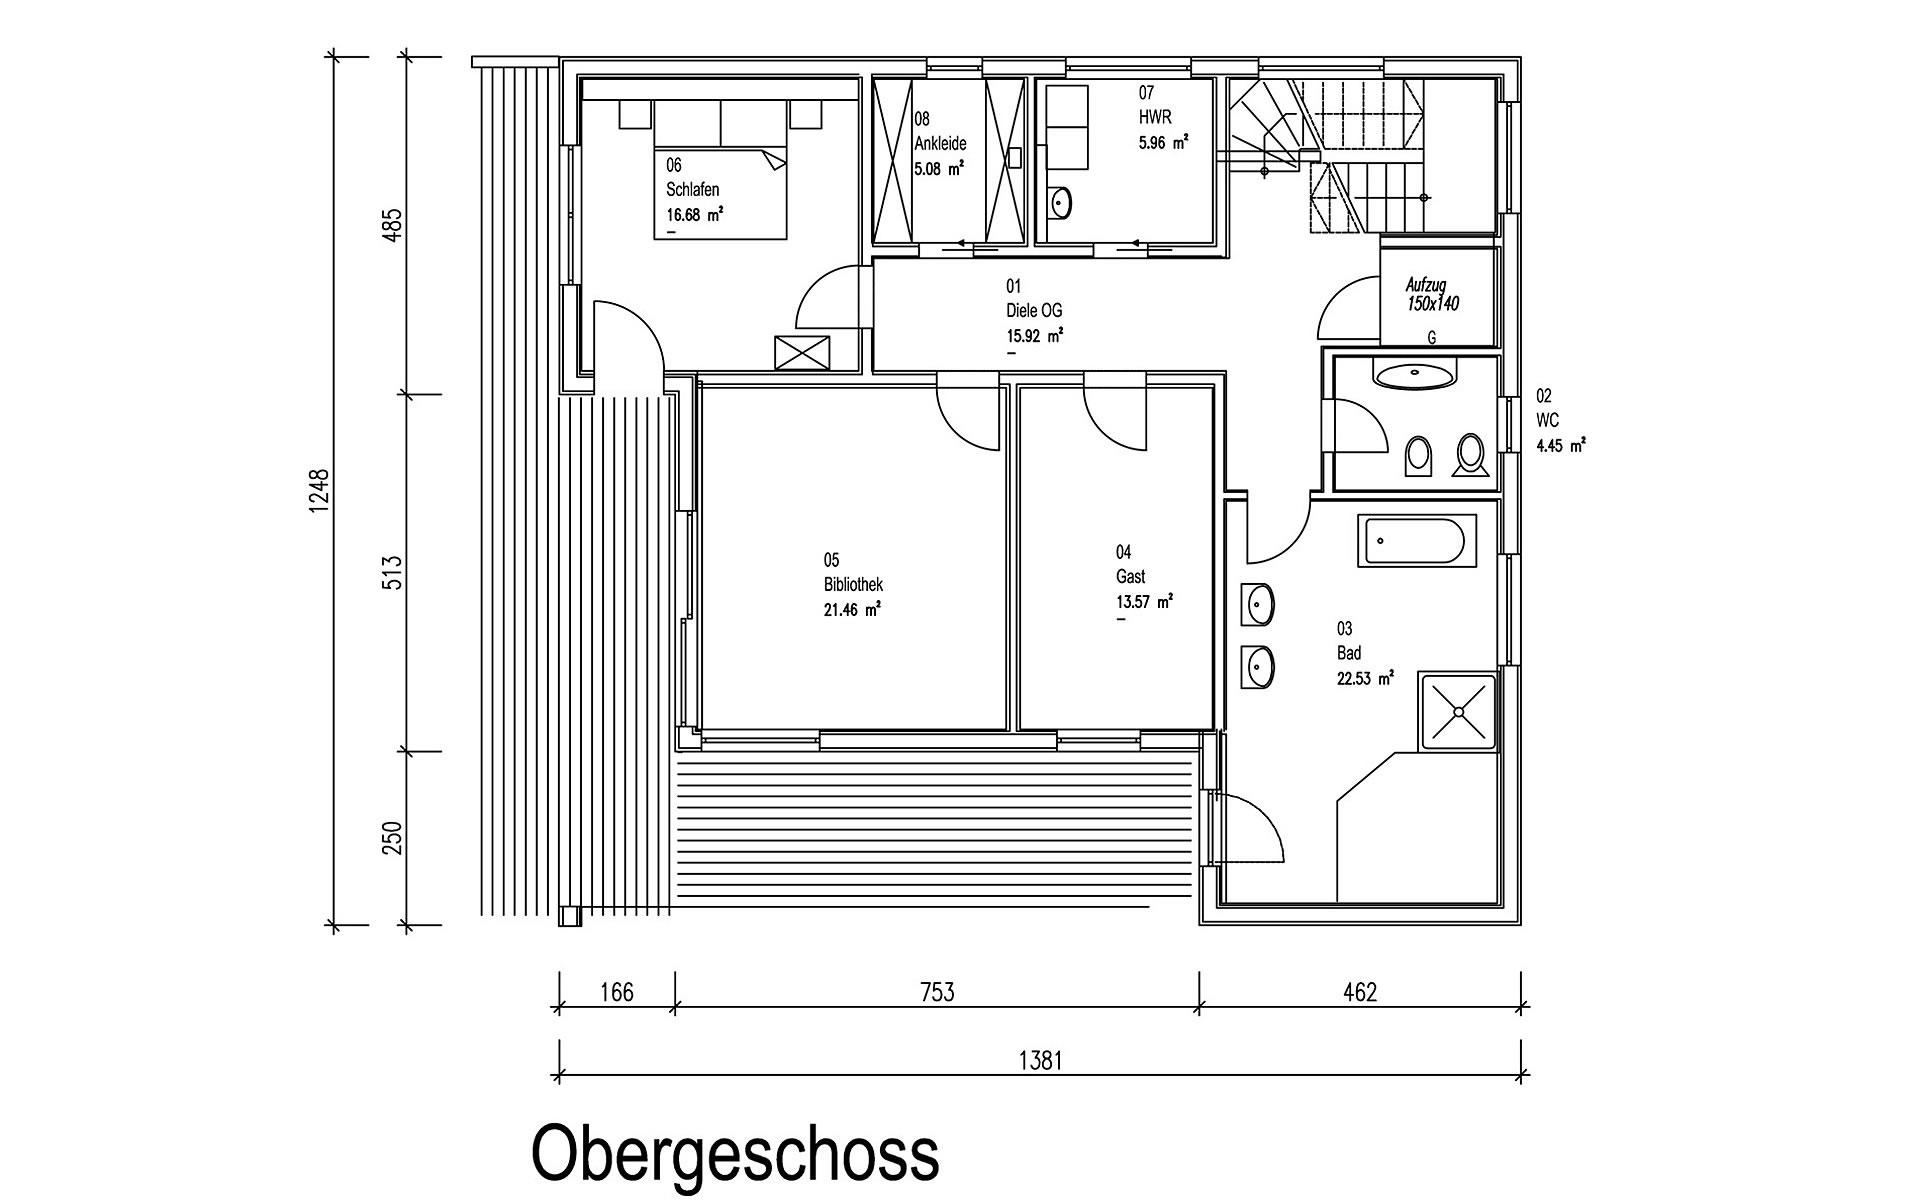 Obergeschoss Grünwald von Sonnleitner Holzbauwerke GmbH & Co. KG